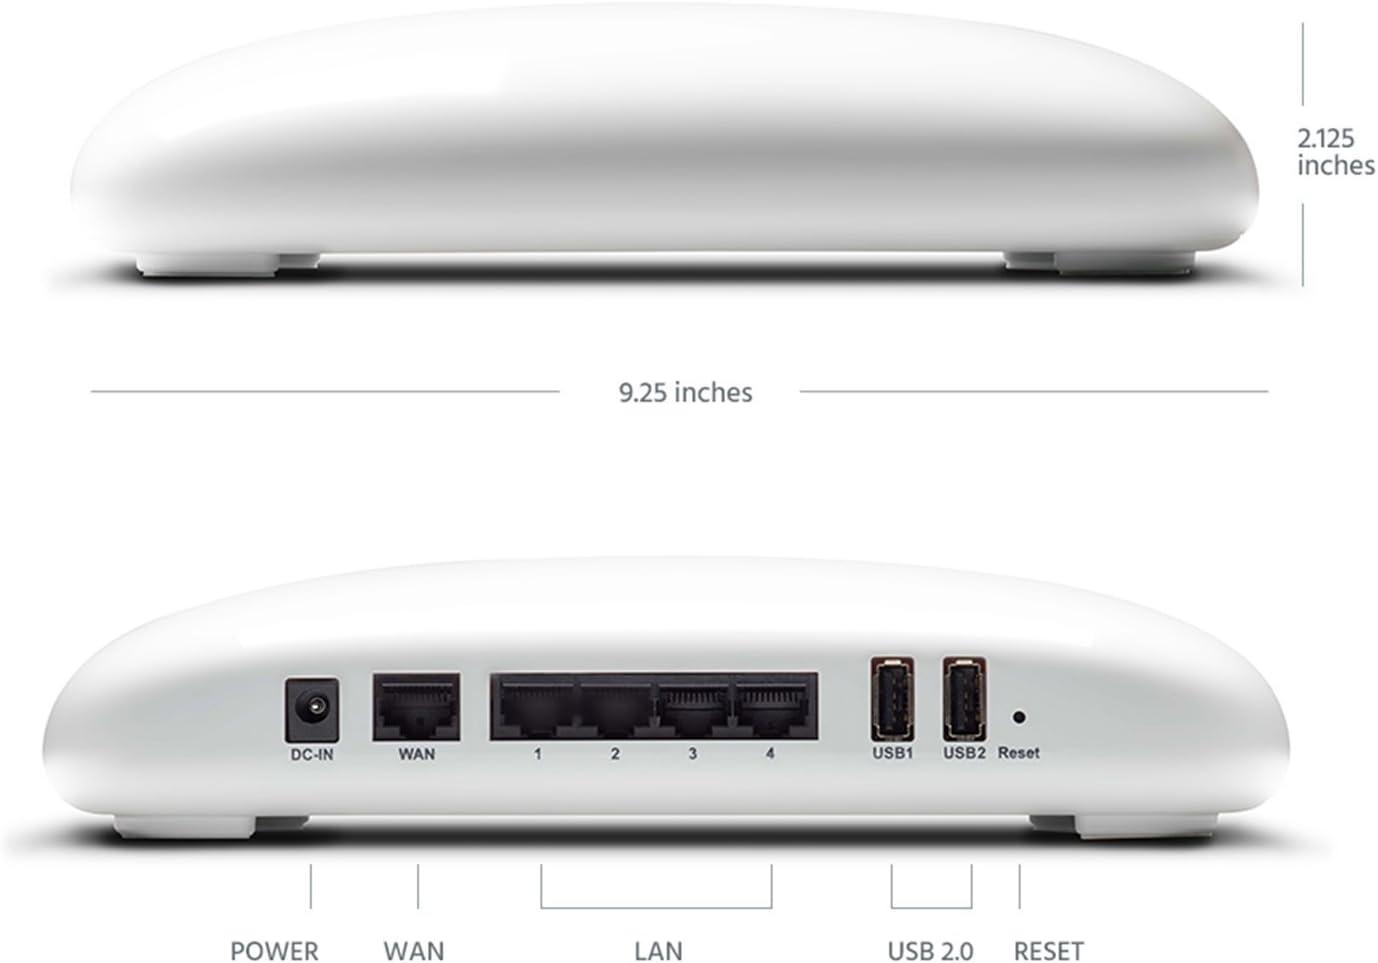 Portal WiFi Router Router para Gaming WiFi AC2400 Wave 2 con tecnolog/ía ZWDFS sin esperas multicanal, Dual-Band AC2400 /& tecnolog/ía Mesh 2.0